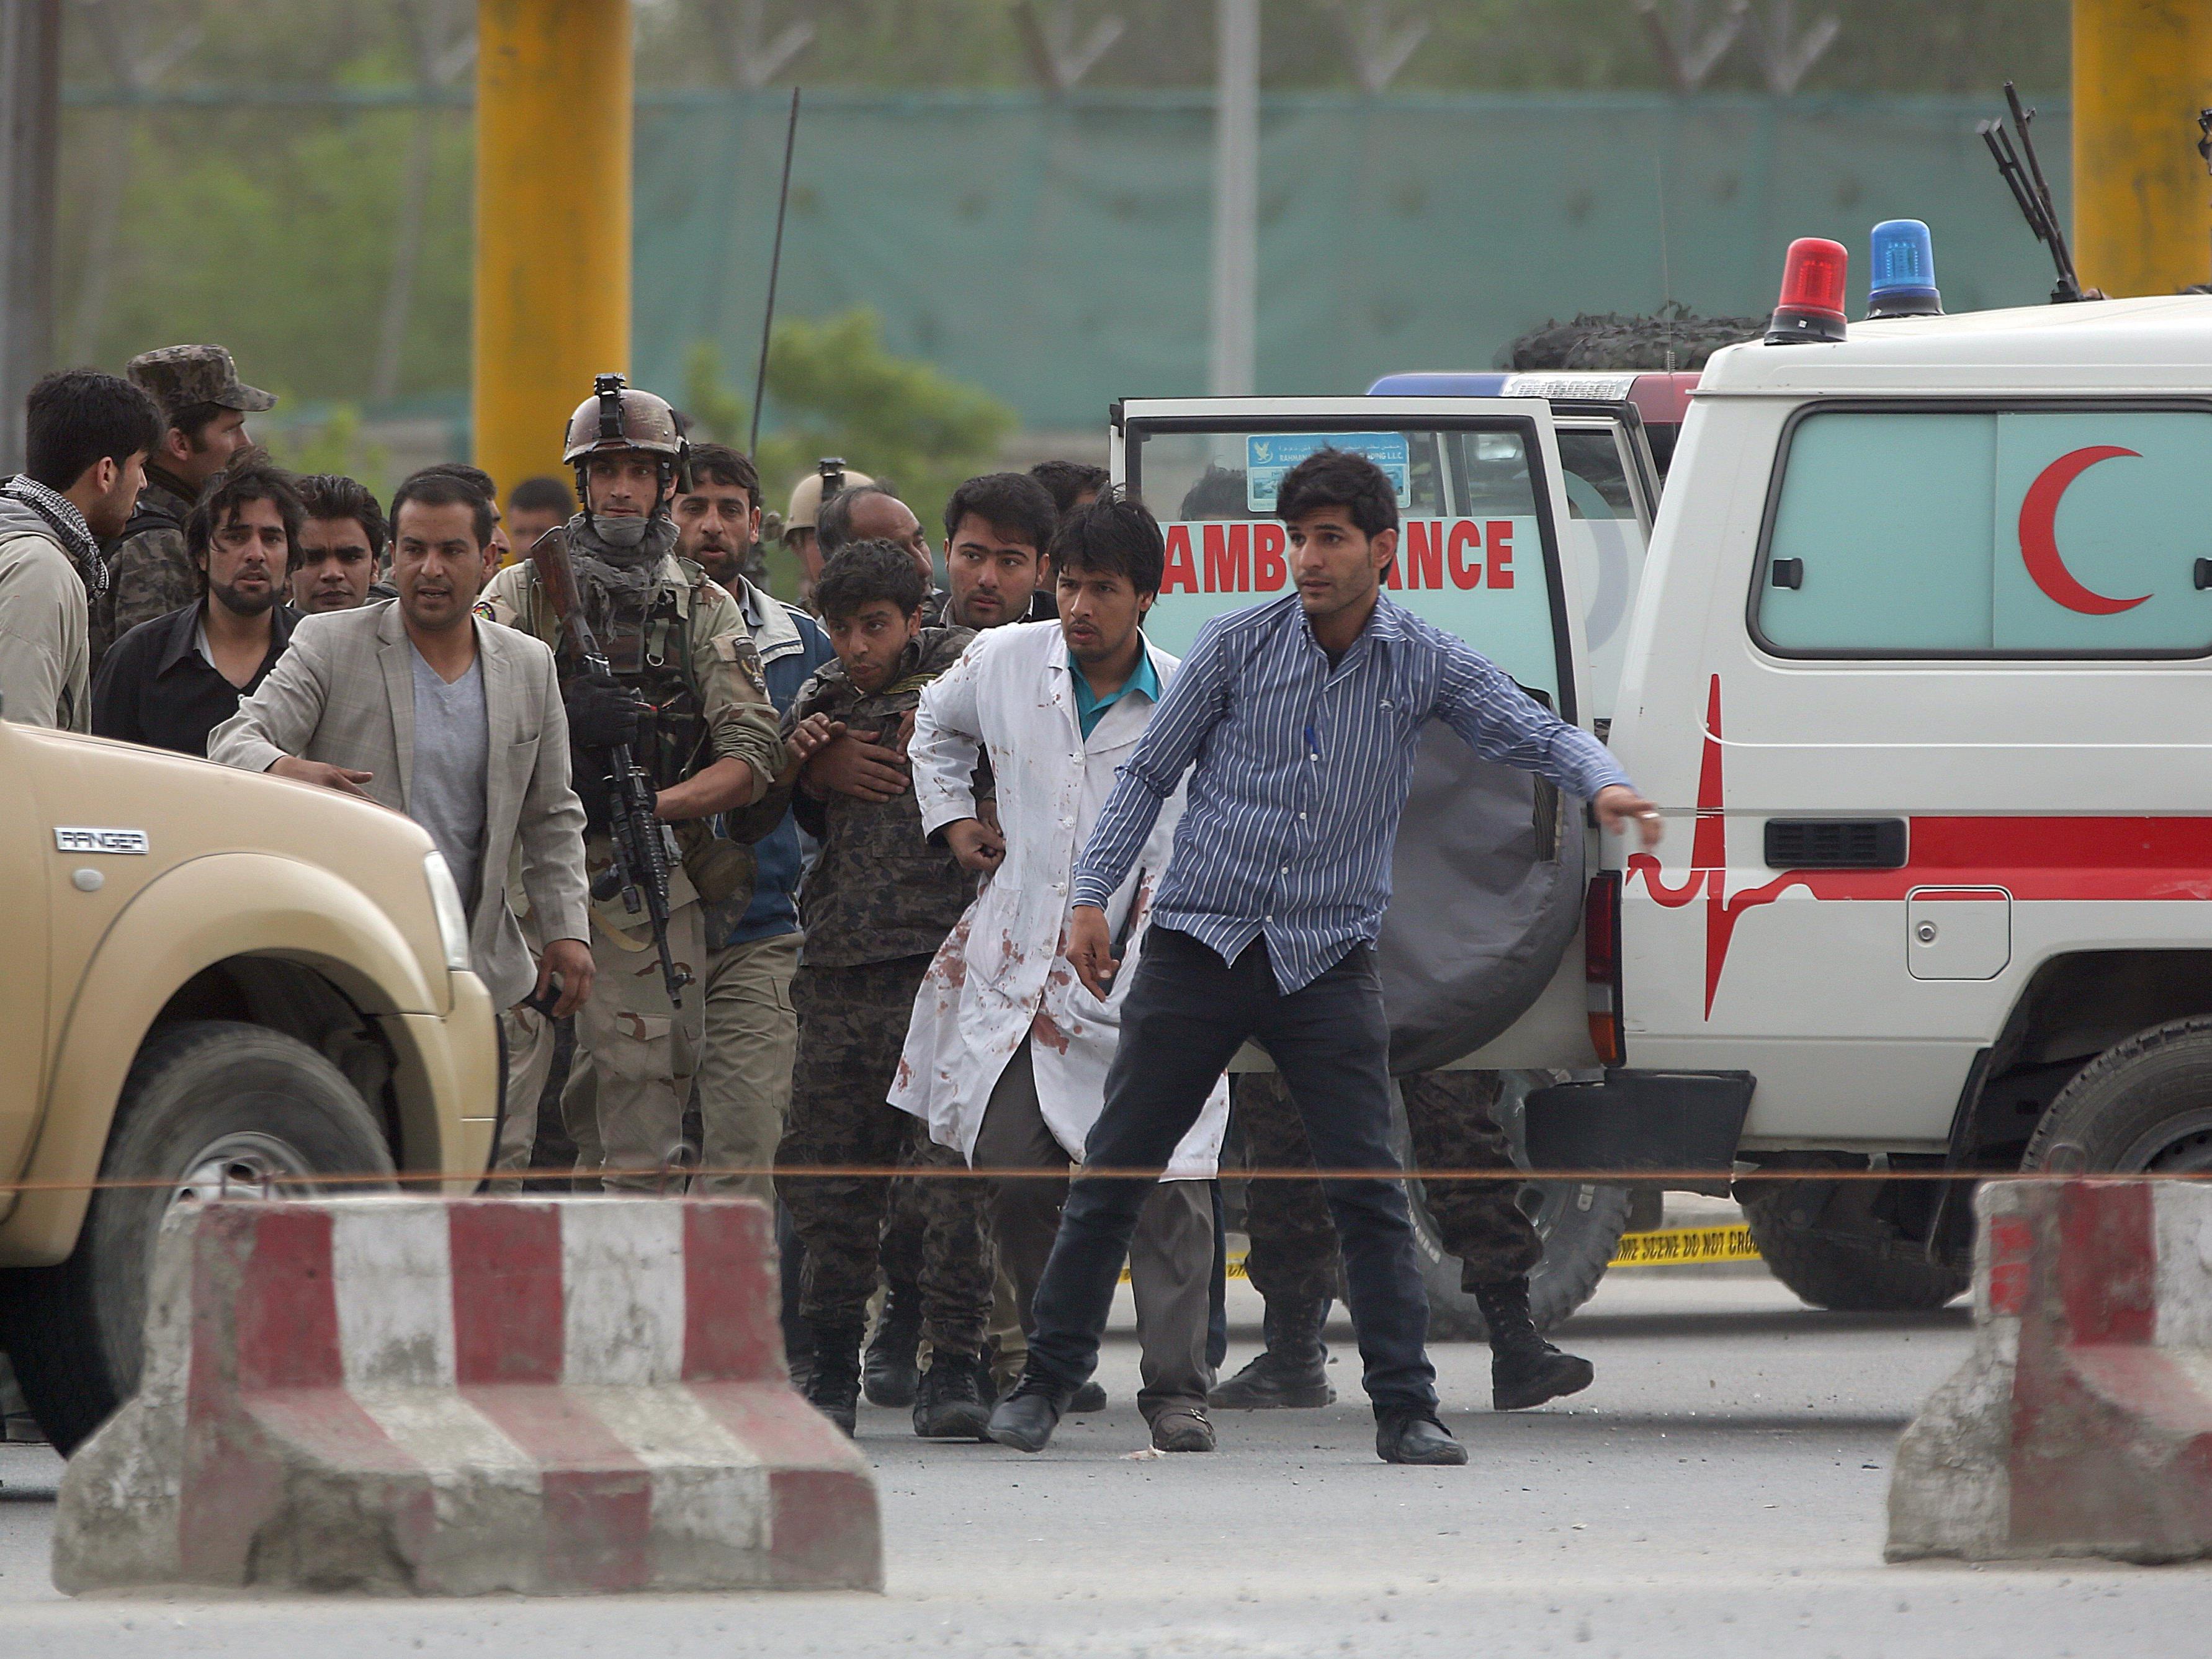 Nach einer schweren Bombenexplosion in der afghanischen Hauptstadt Kabul steigt die Zahl der Verletzten dramatisch.